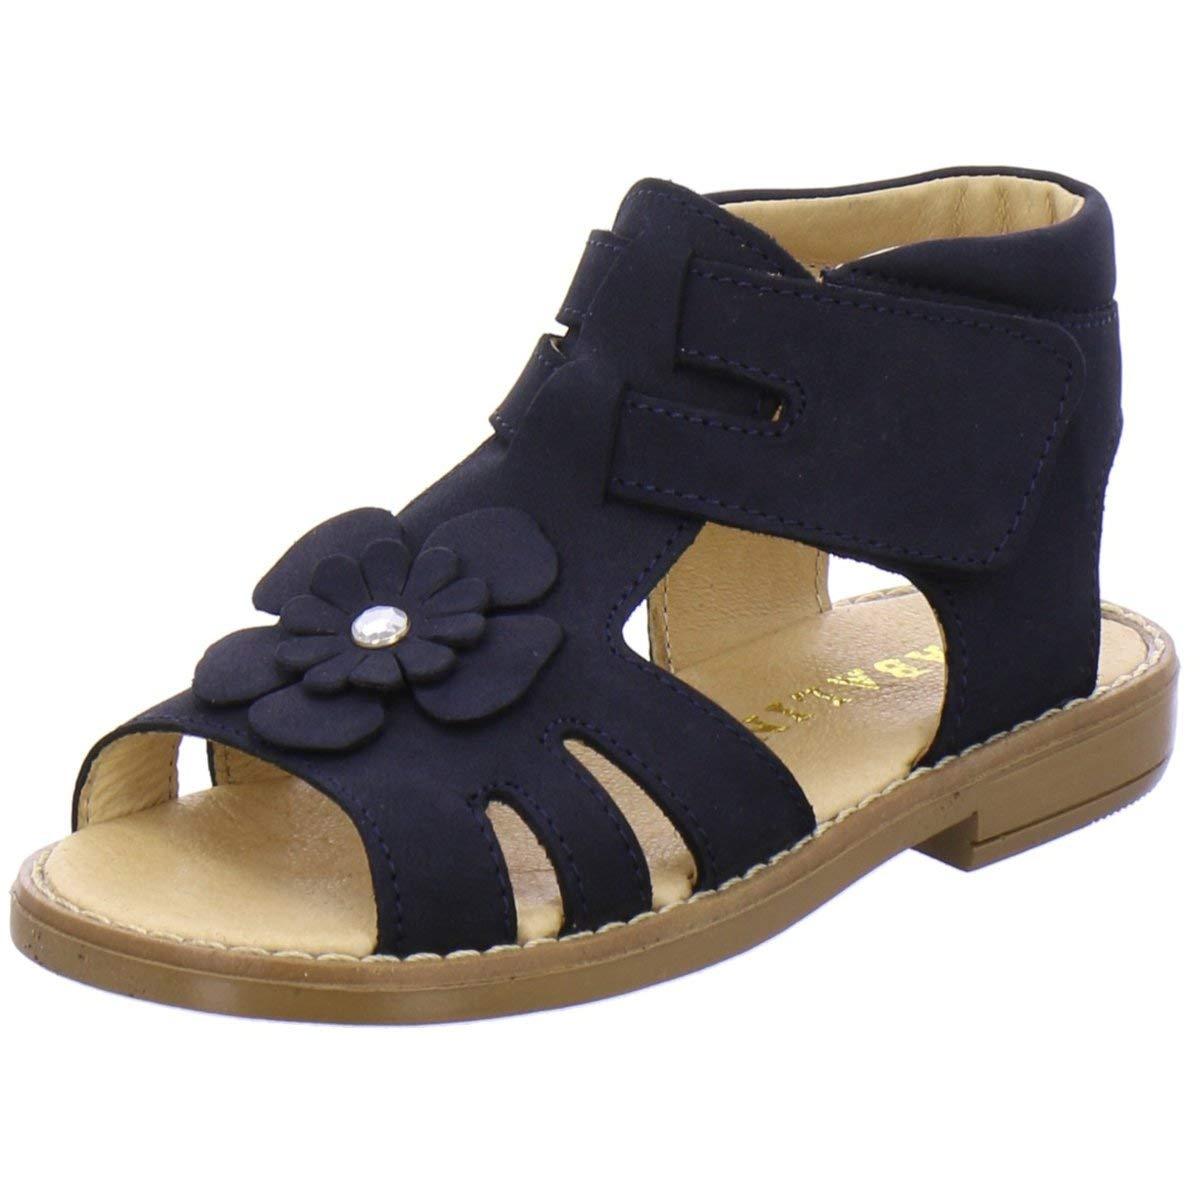 Sabalin Kinder Schuhe 53 2755 blu blau 76173: